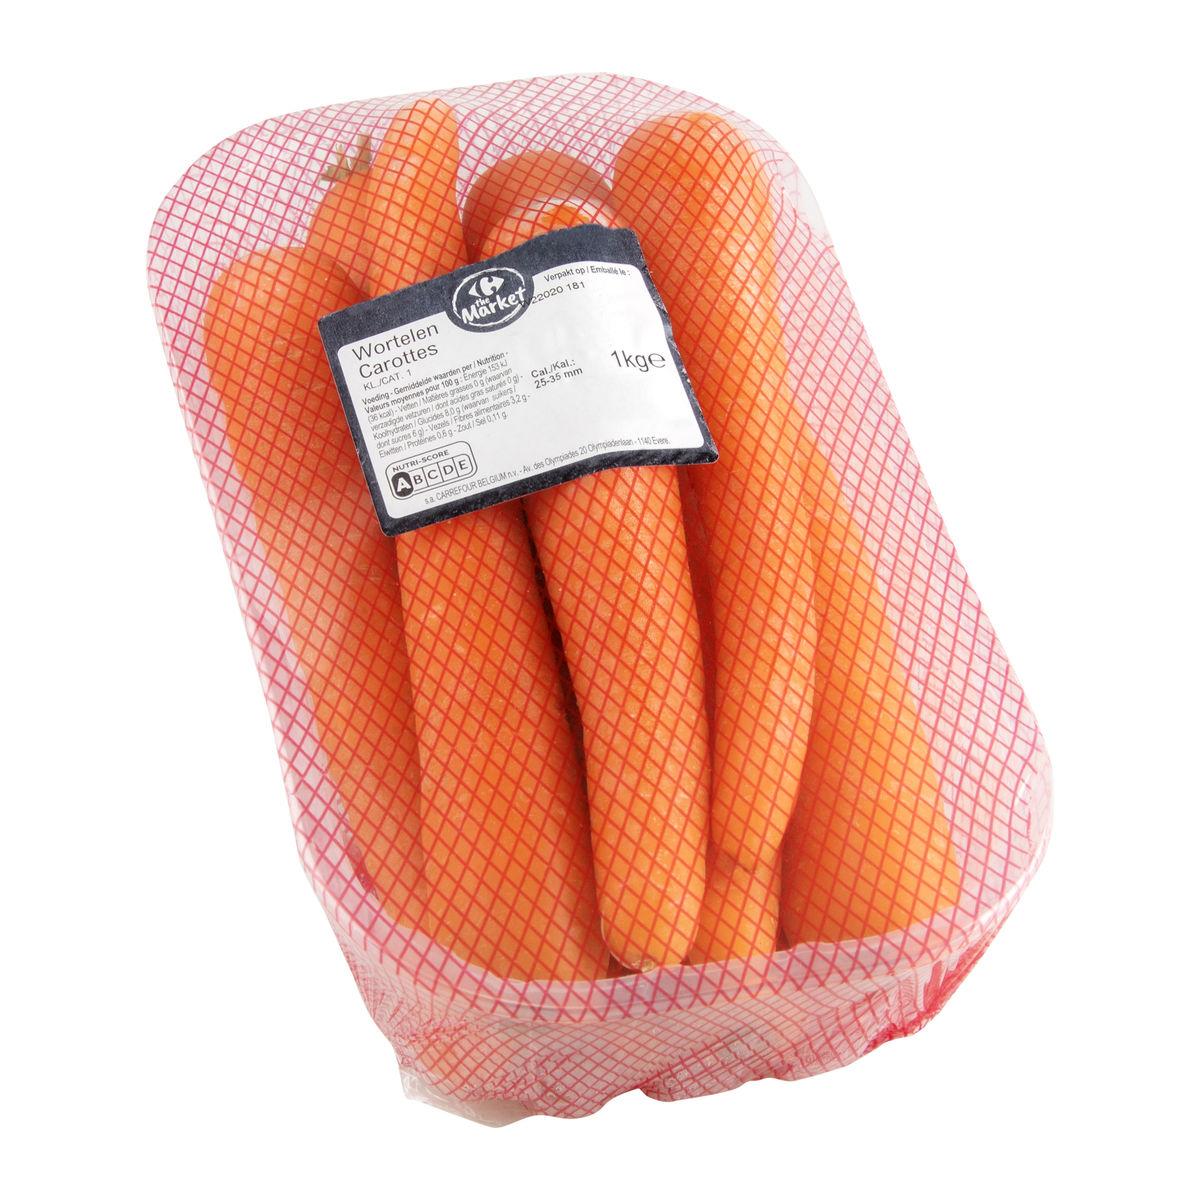 Carrefour Wortelen Schaal 1kg